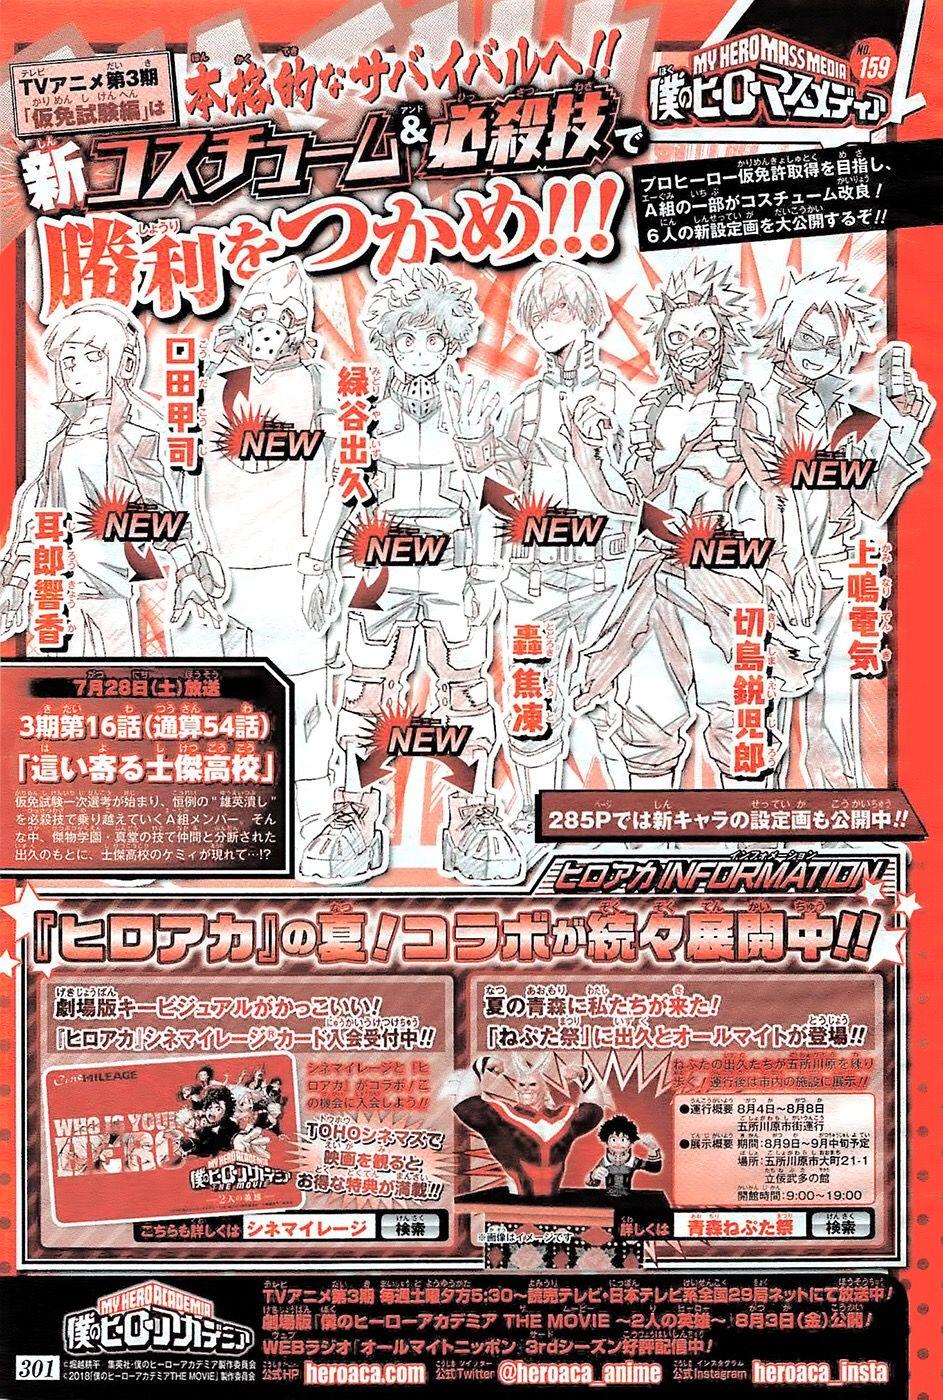 my-hero-shonen-jump-34-02